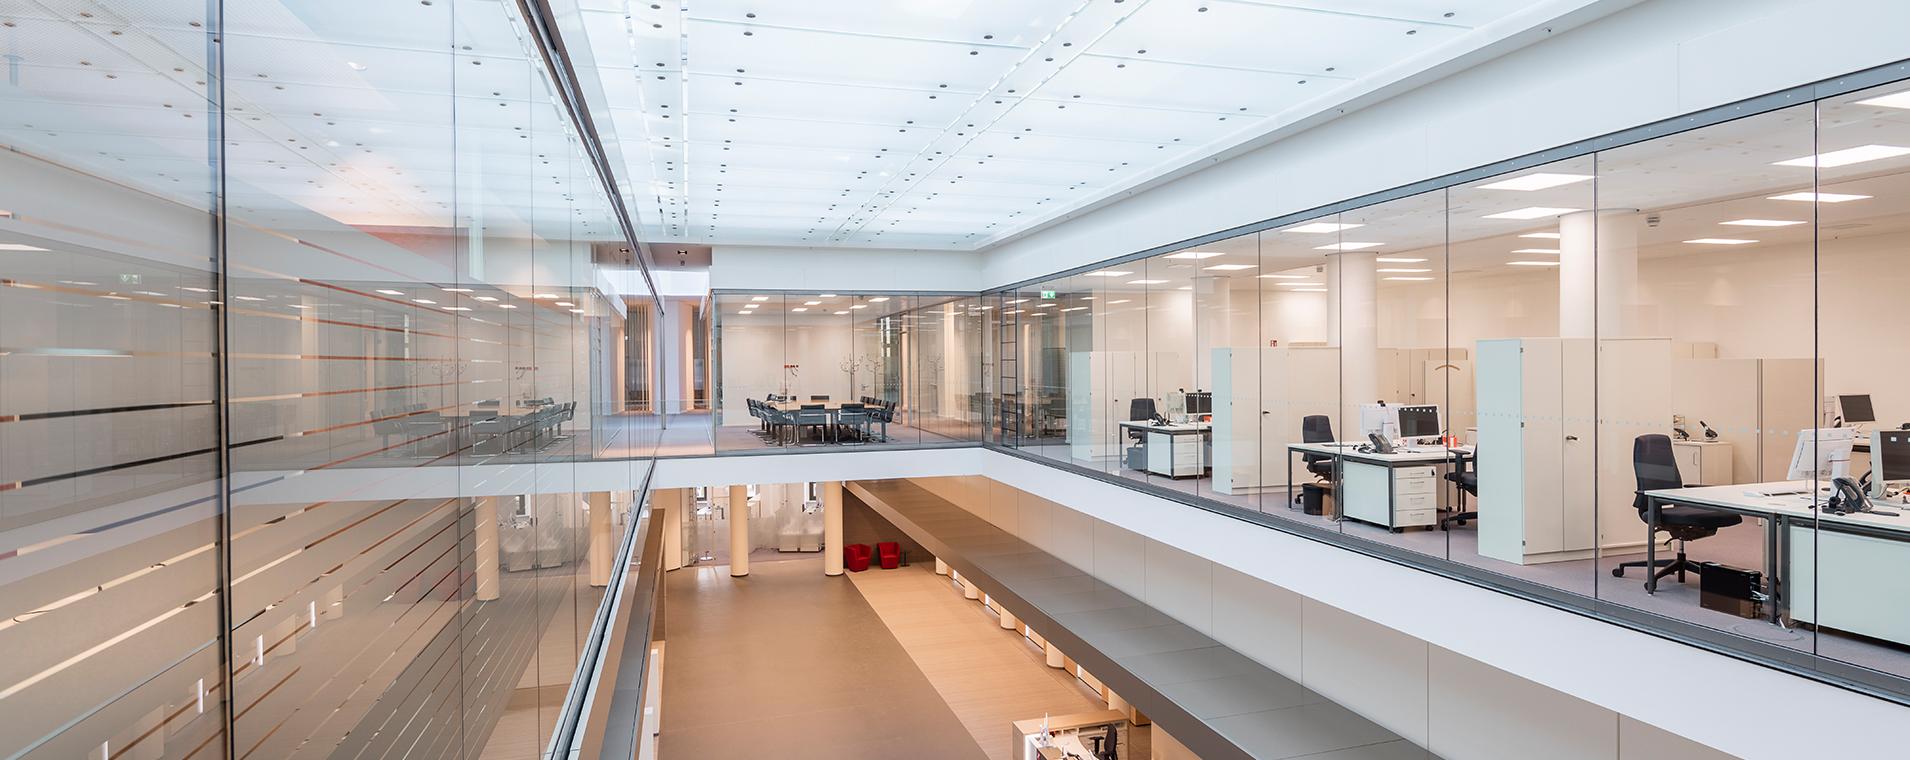 Banken Architektur HVB Bottler Lutz München